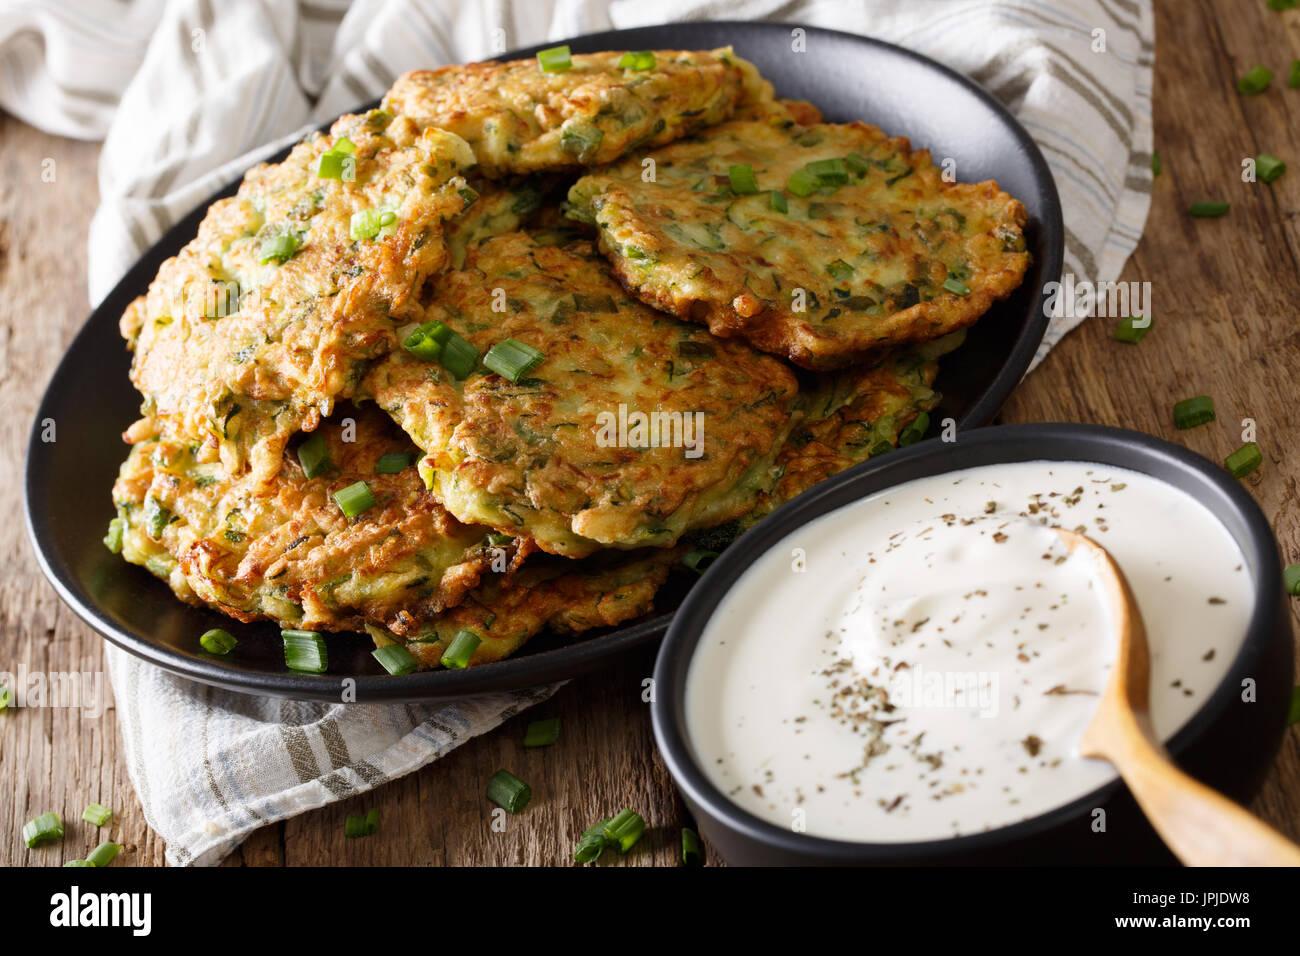 Zucchine deliziose frittelle con panna acida vicino sul tavolo orizzontale. Immagini Stock